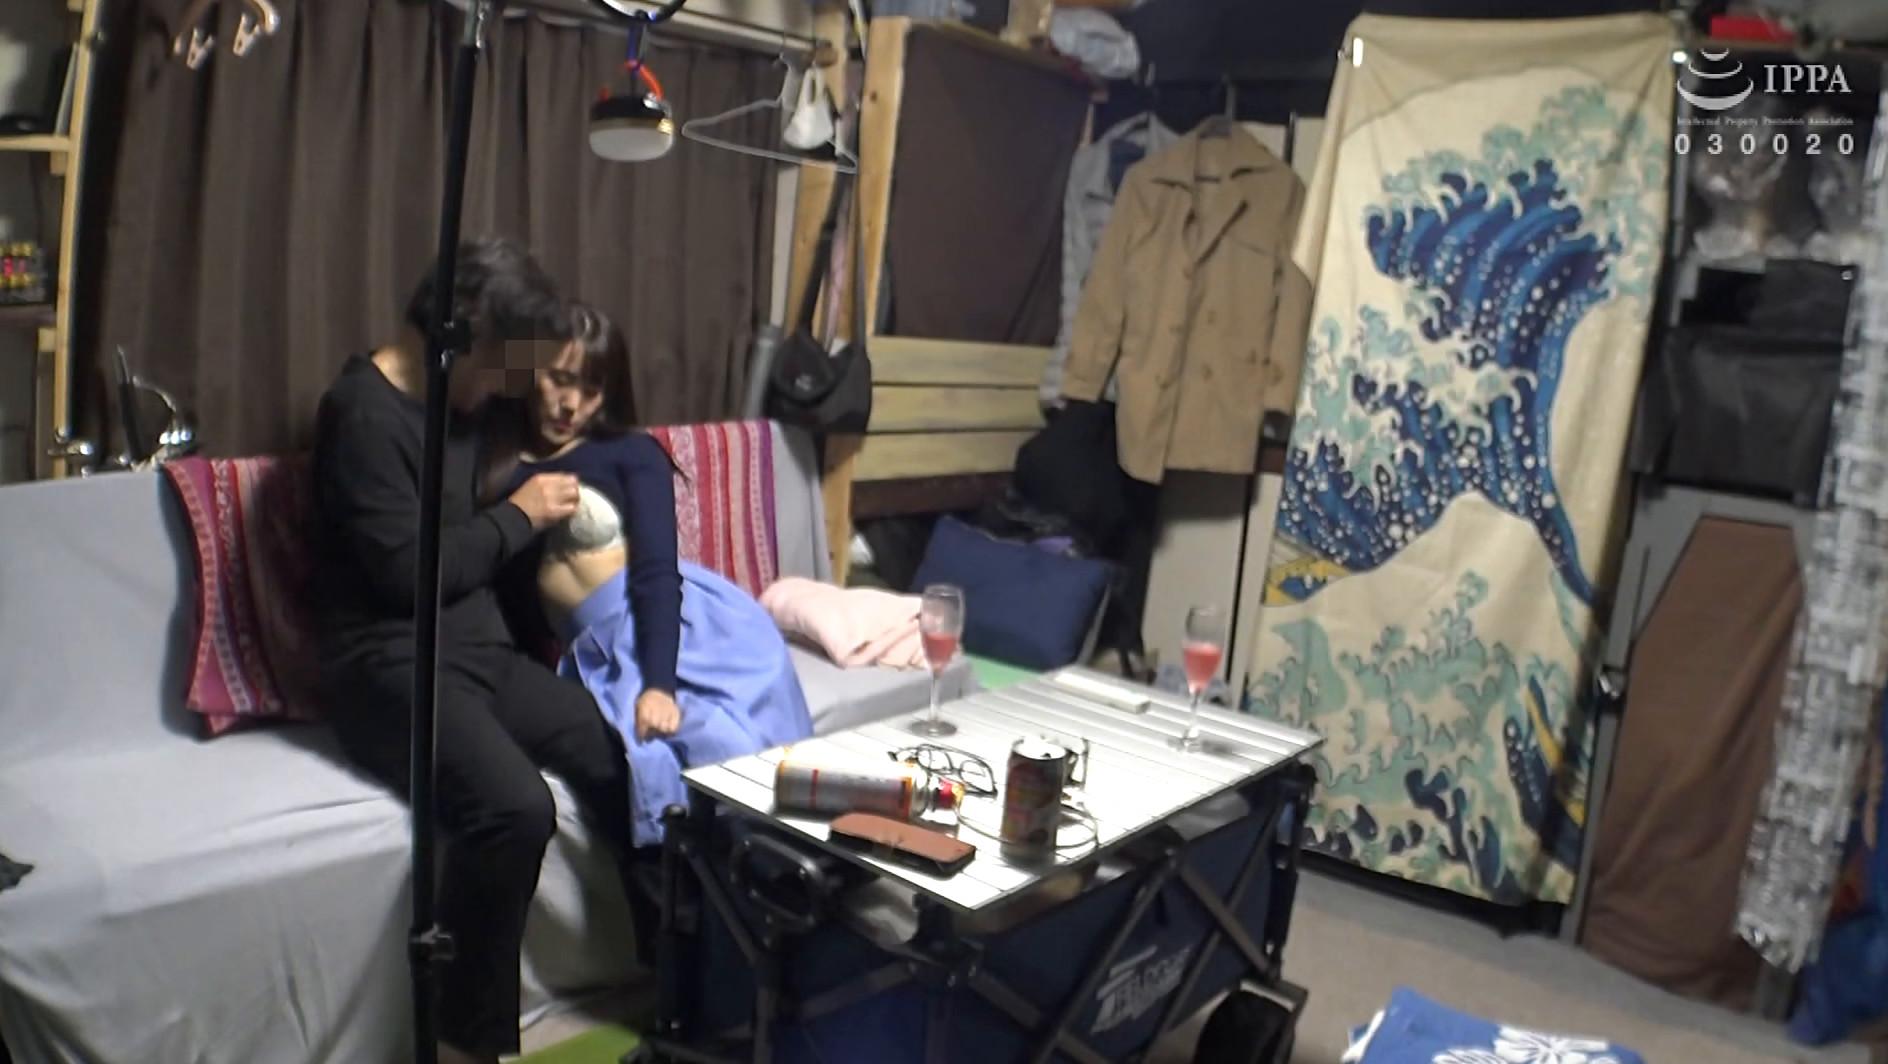 自分の部屋に泊まることになった妻の女友達 「人妻園子さん(仮名)三十歳」に当然のように手を出してしまうワタシ 画像6